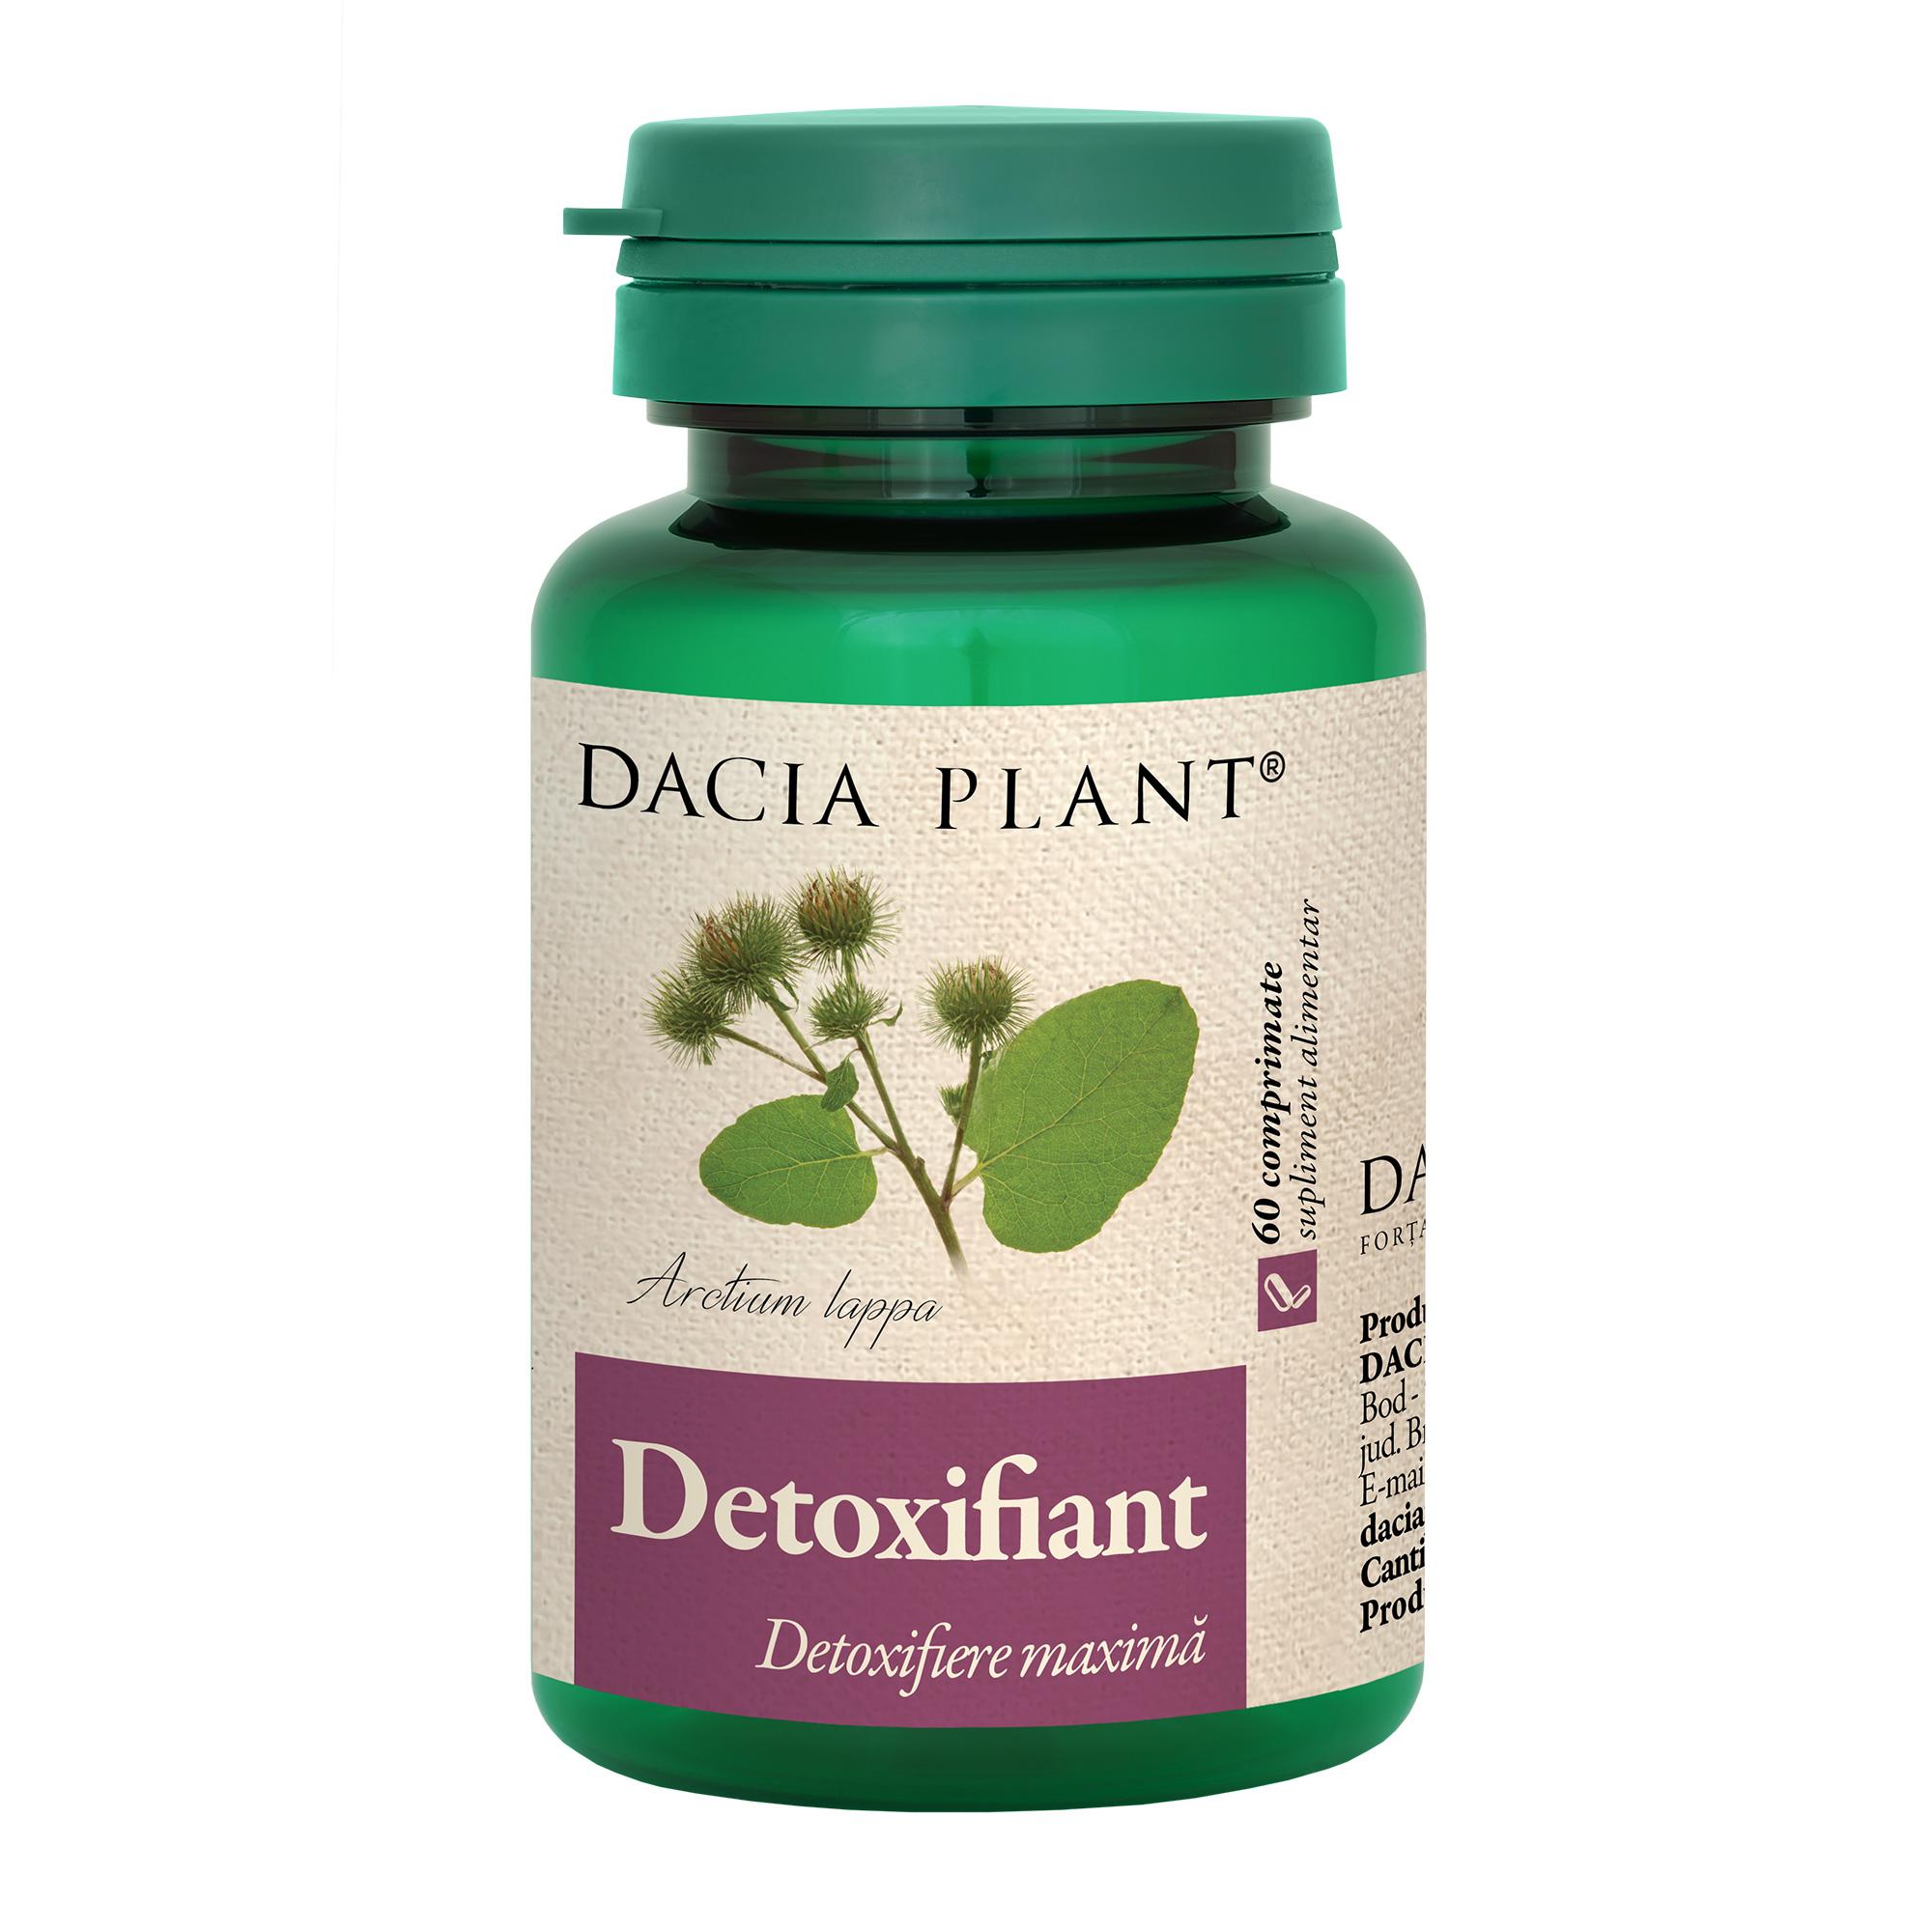 ▷ Produse Pentru Detoxifierea Colonului. Analiza Comparativa In Iunie